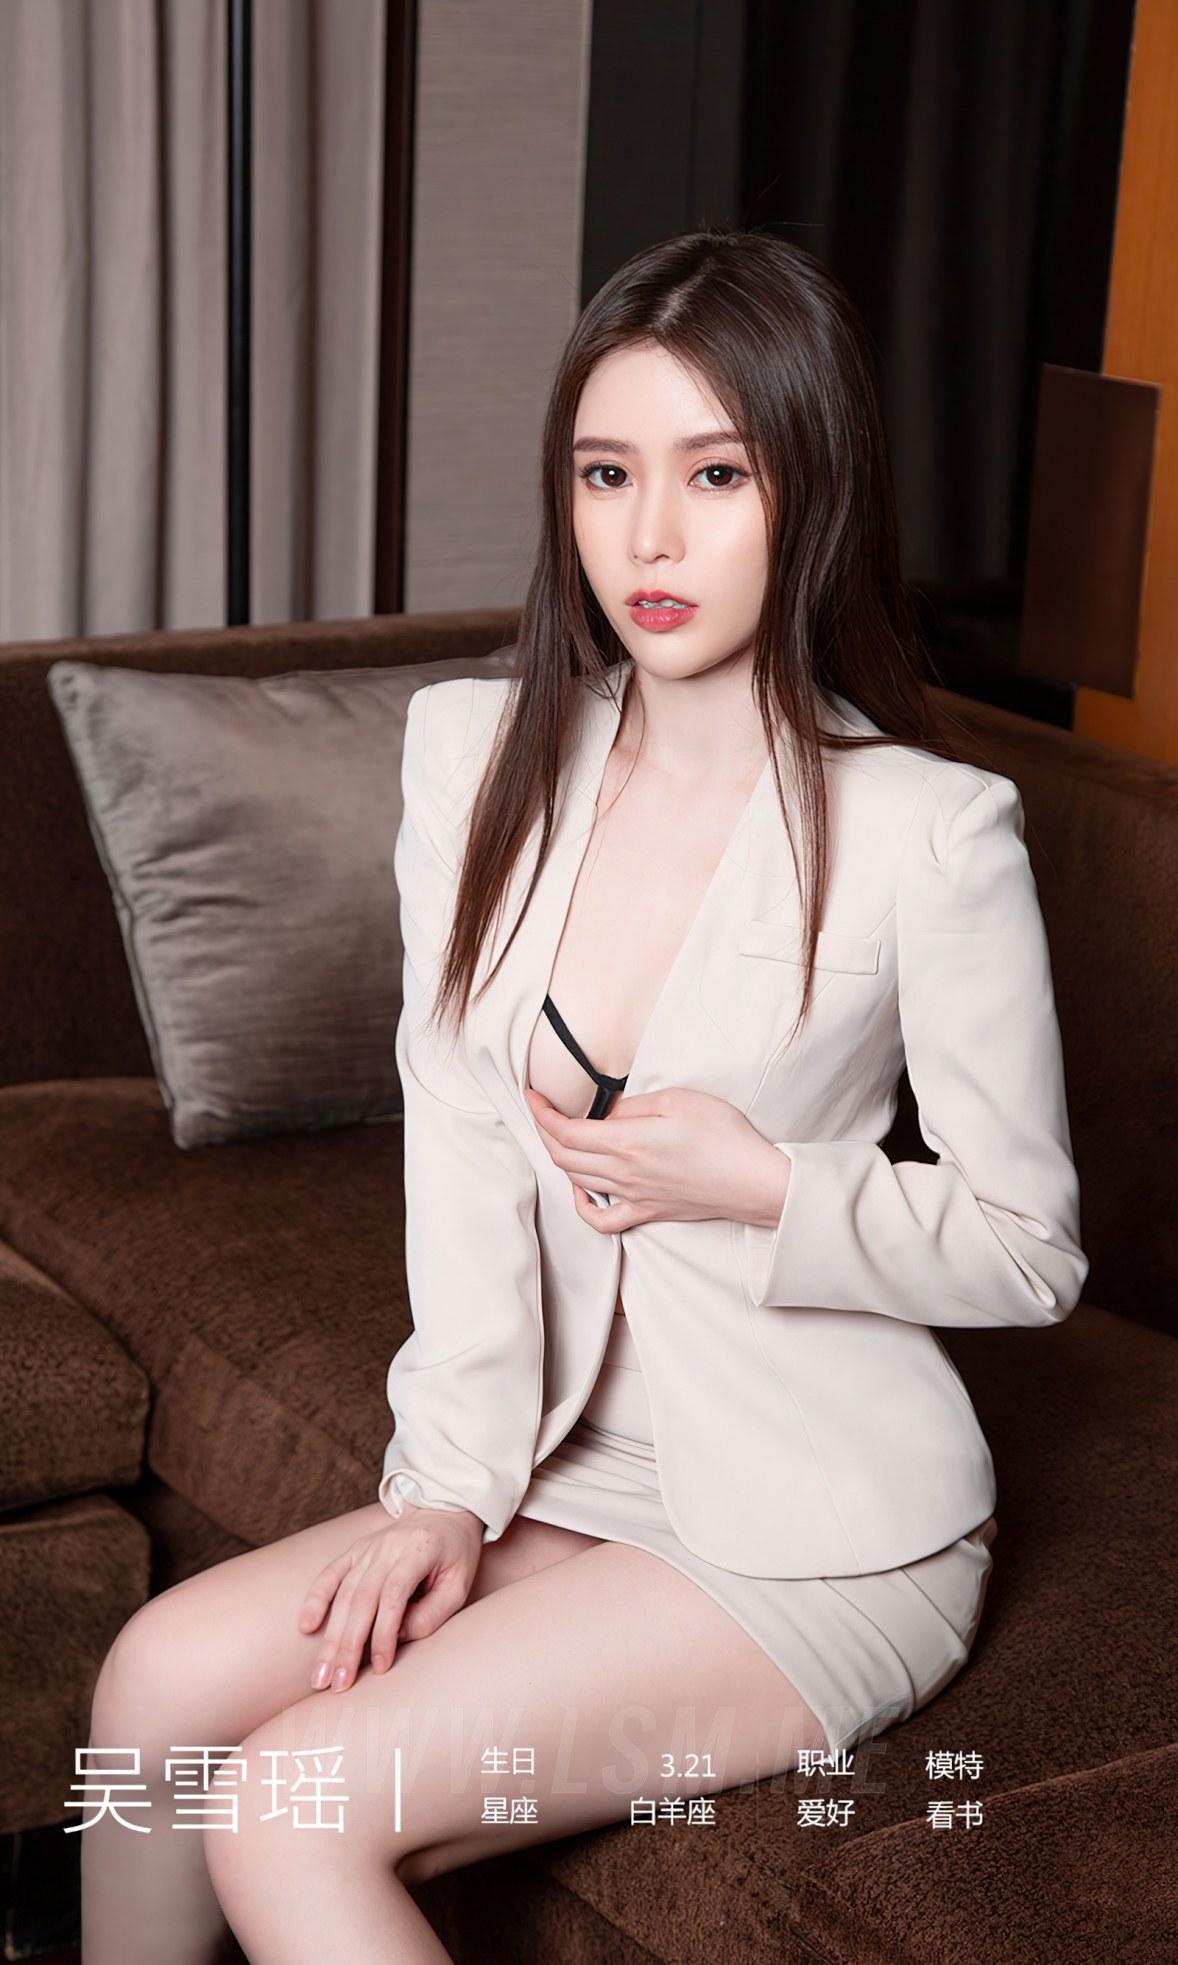 UGirls 爱尤物 No.2055 吴雪瑶 职业诱惑 - 4